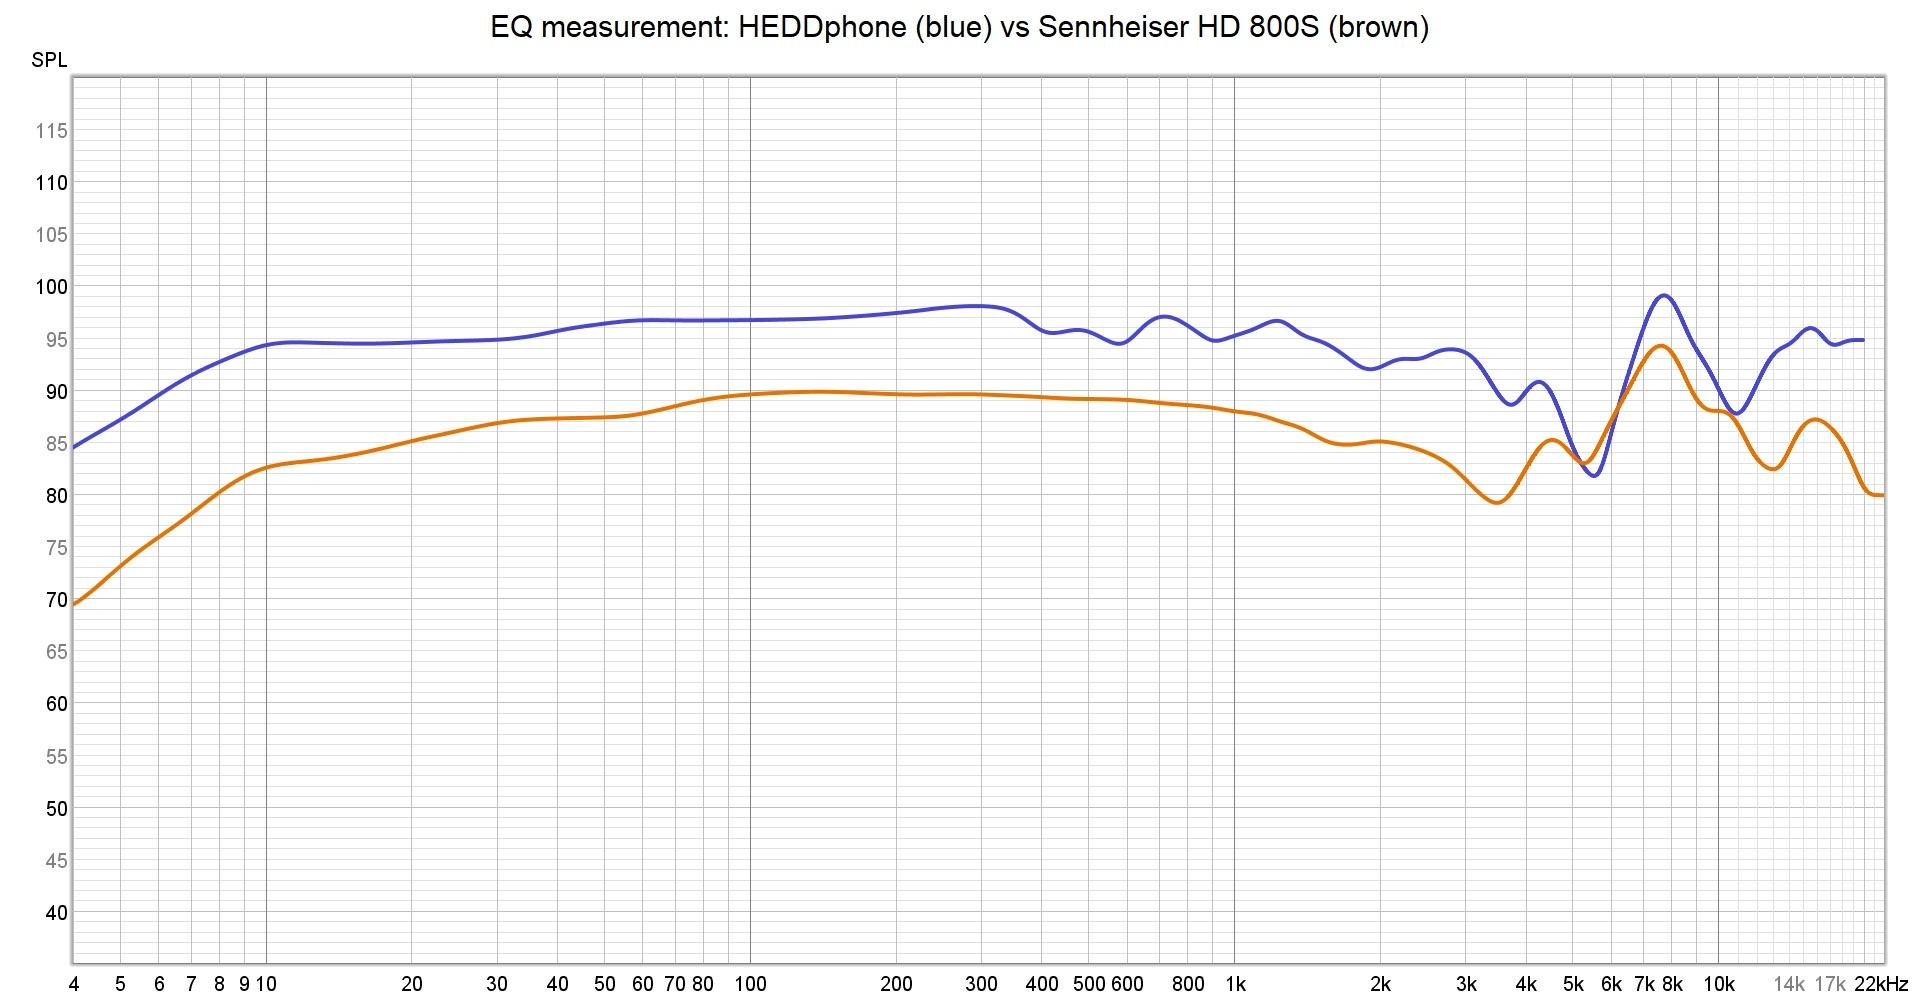 HEDDphone vs hd800s EQ